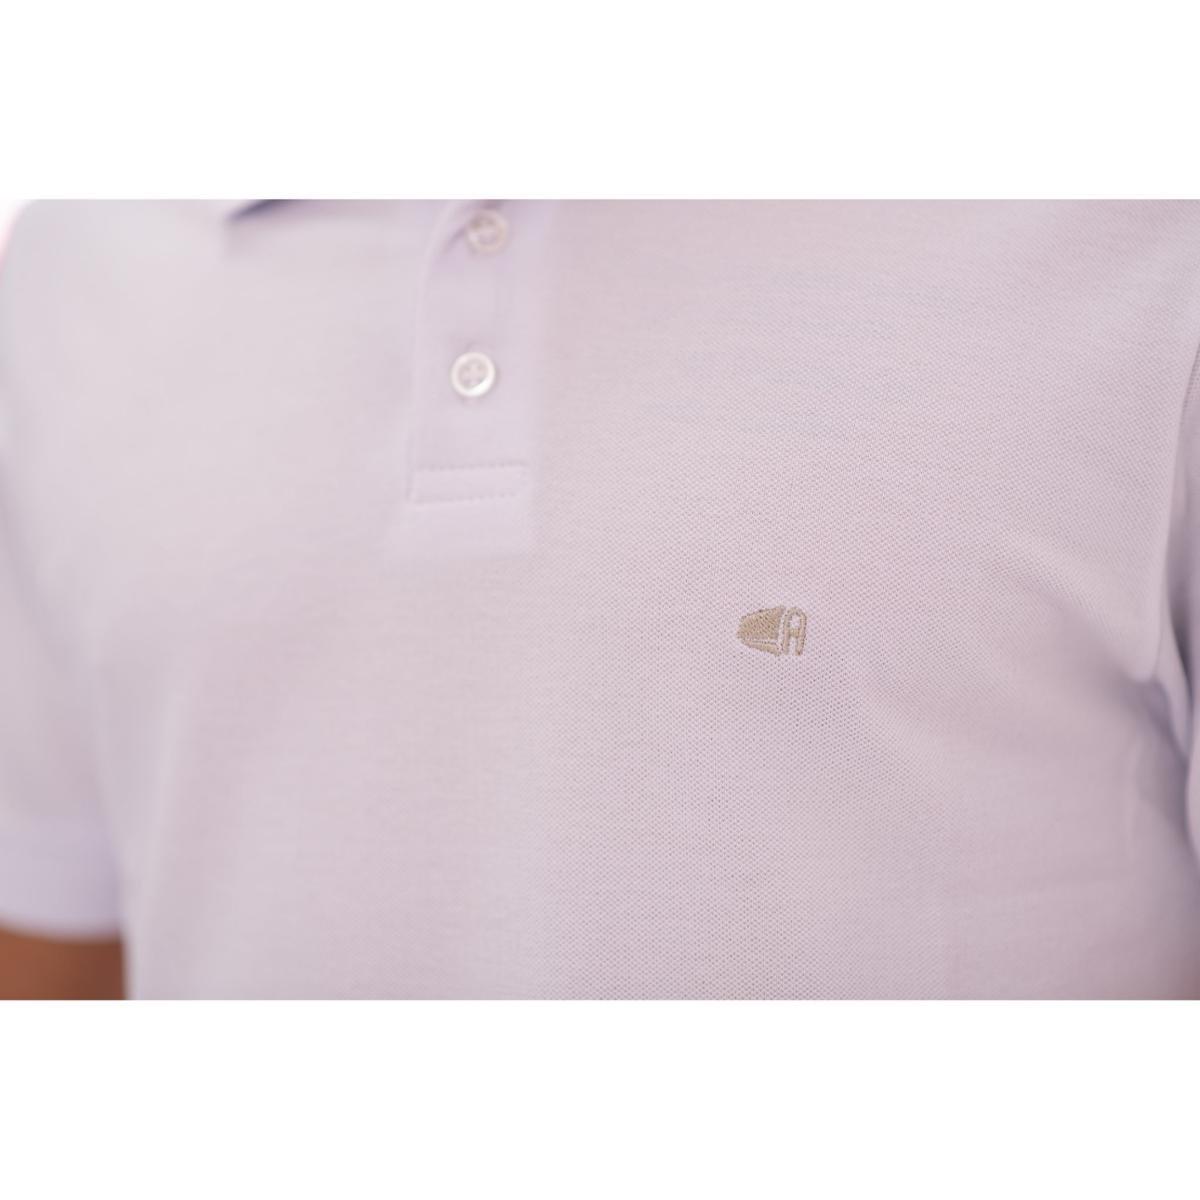 Camisa Polo Aee Surf Slim Lisa Masculina - Branco